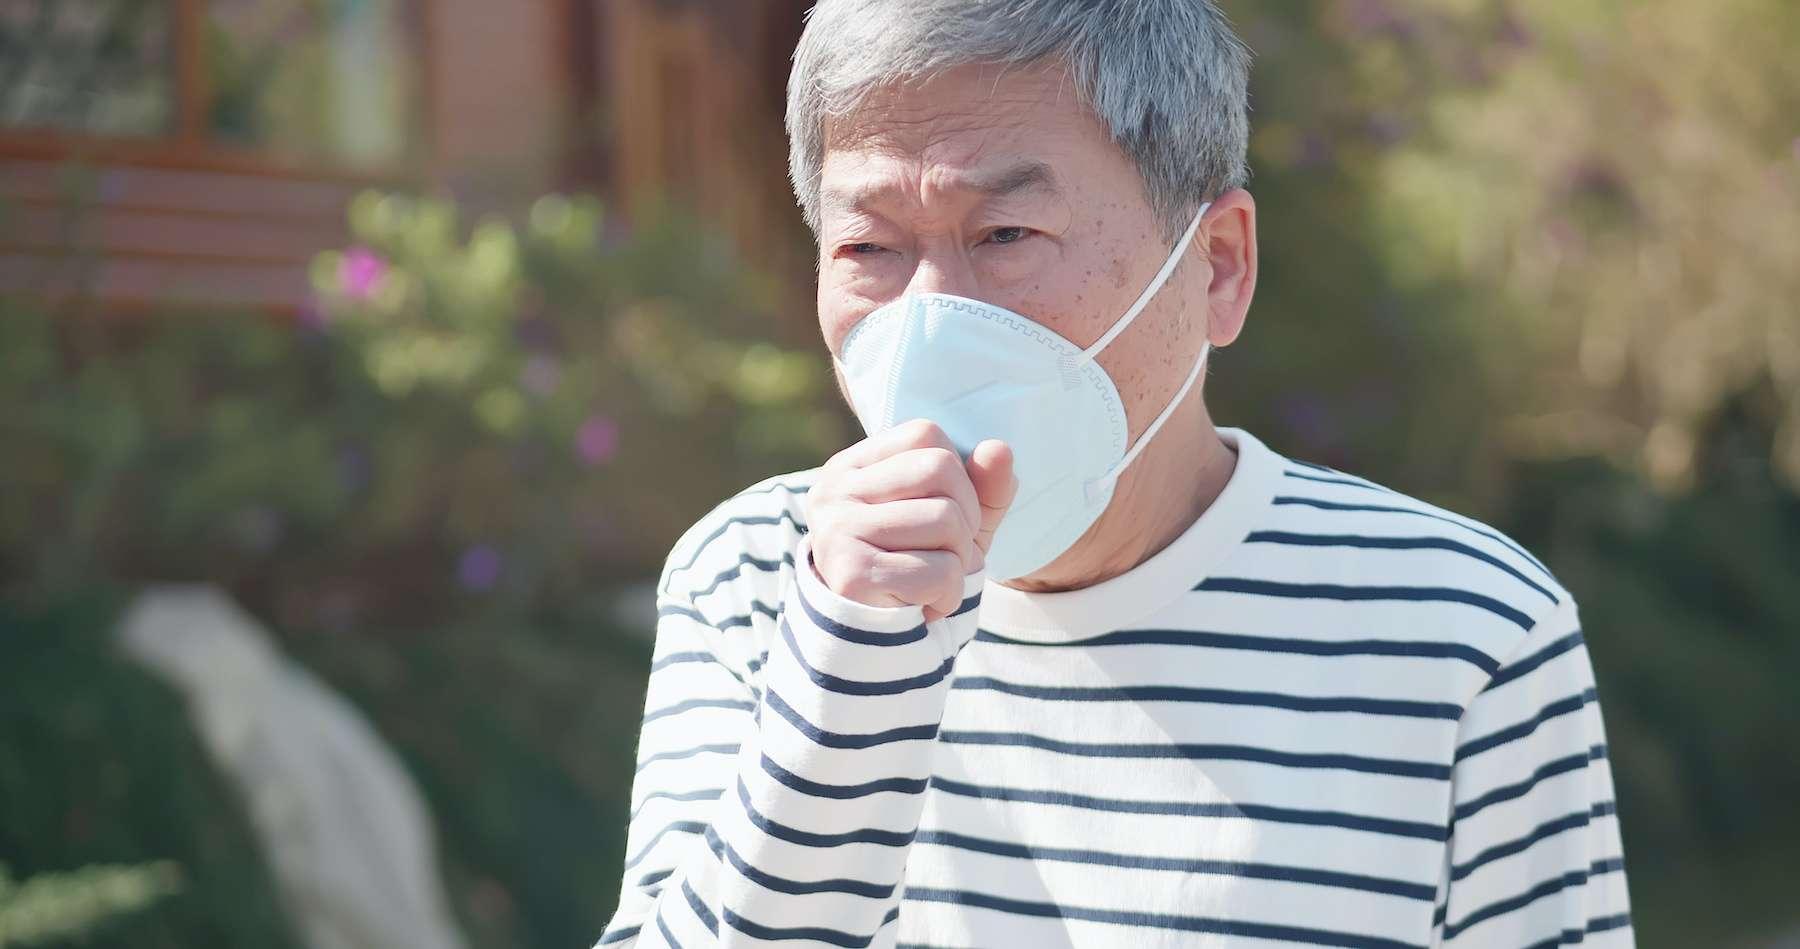 Les patients de la « deuxième vague » en Chine mettent plus de temps à développer des symptômes et sont touchés essentiellement aux poumons. © ryanking999, Adobe Stock